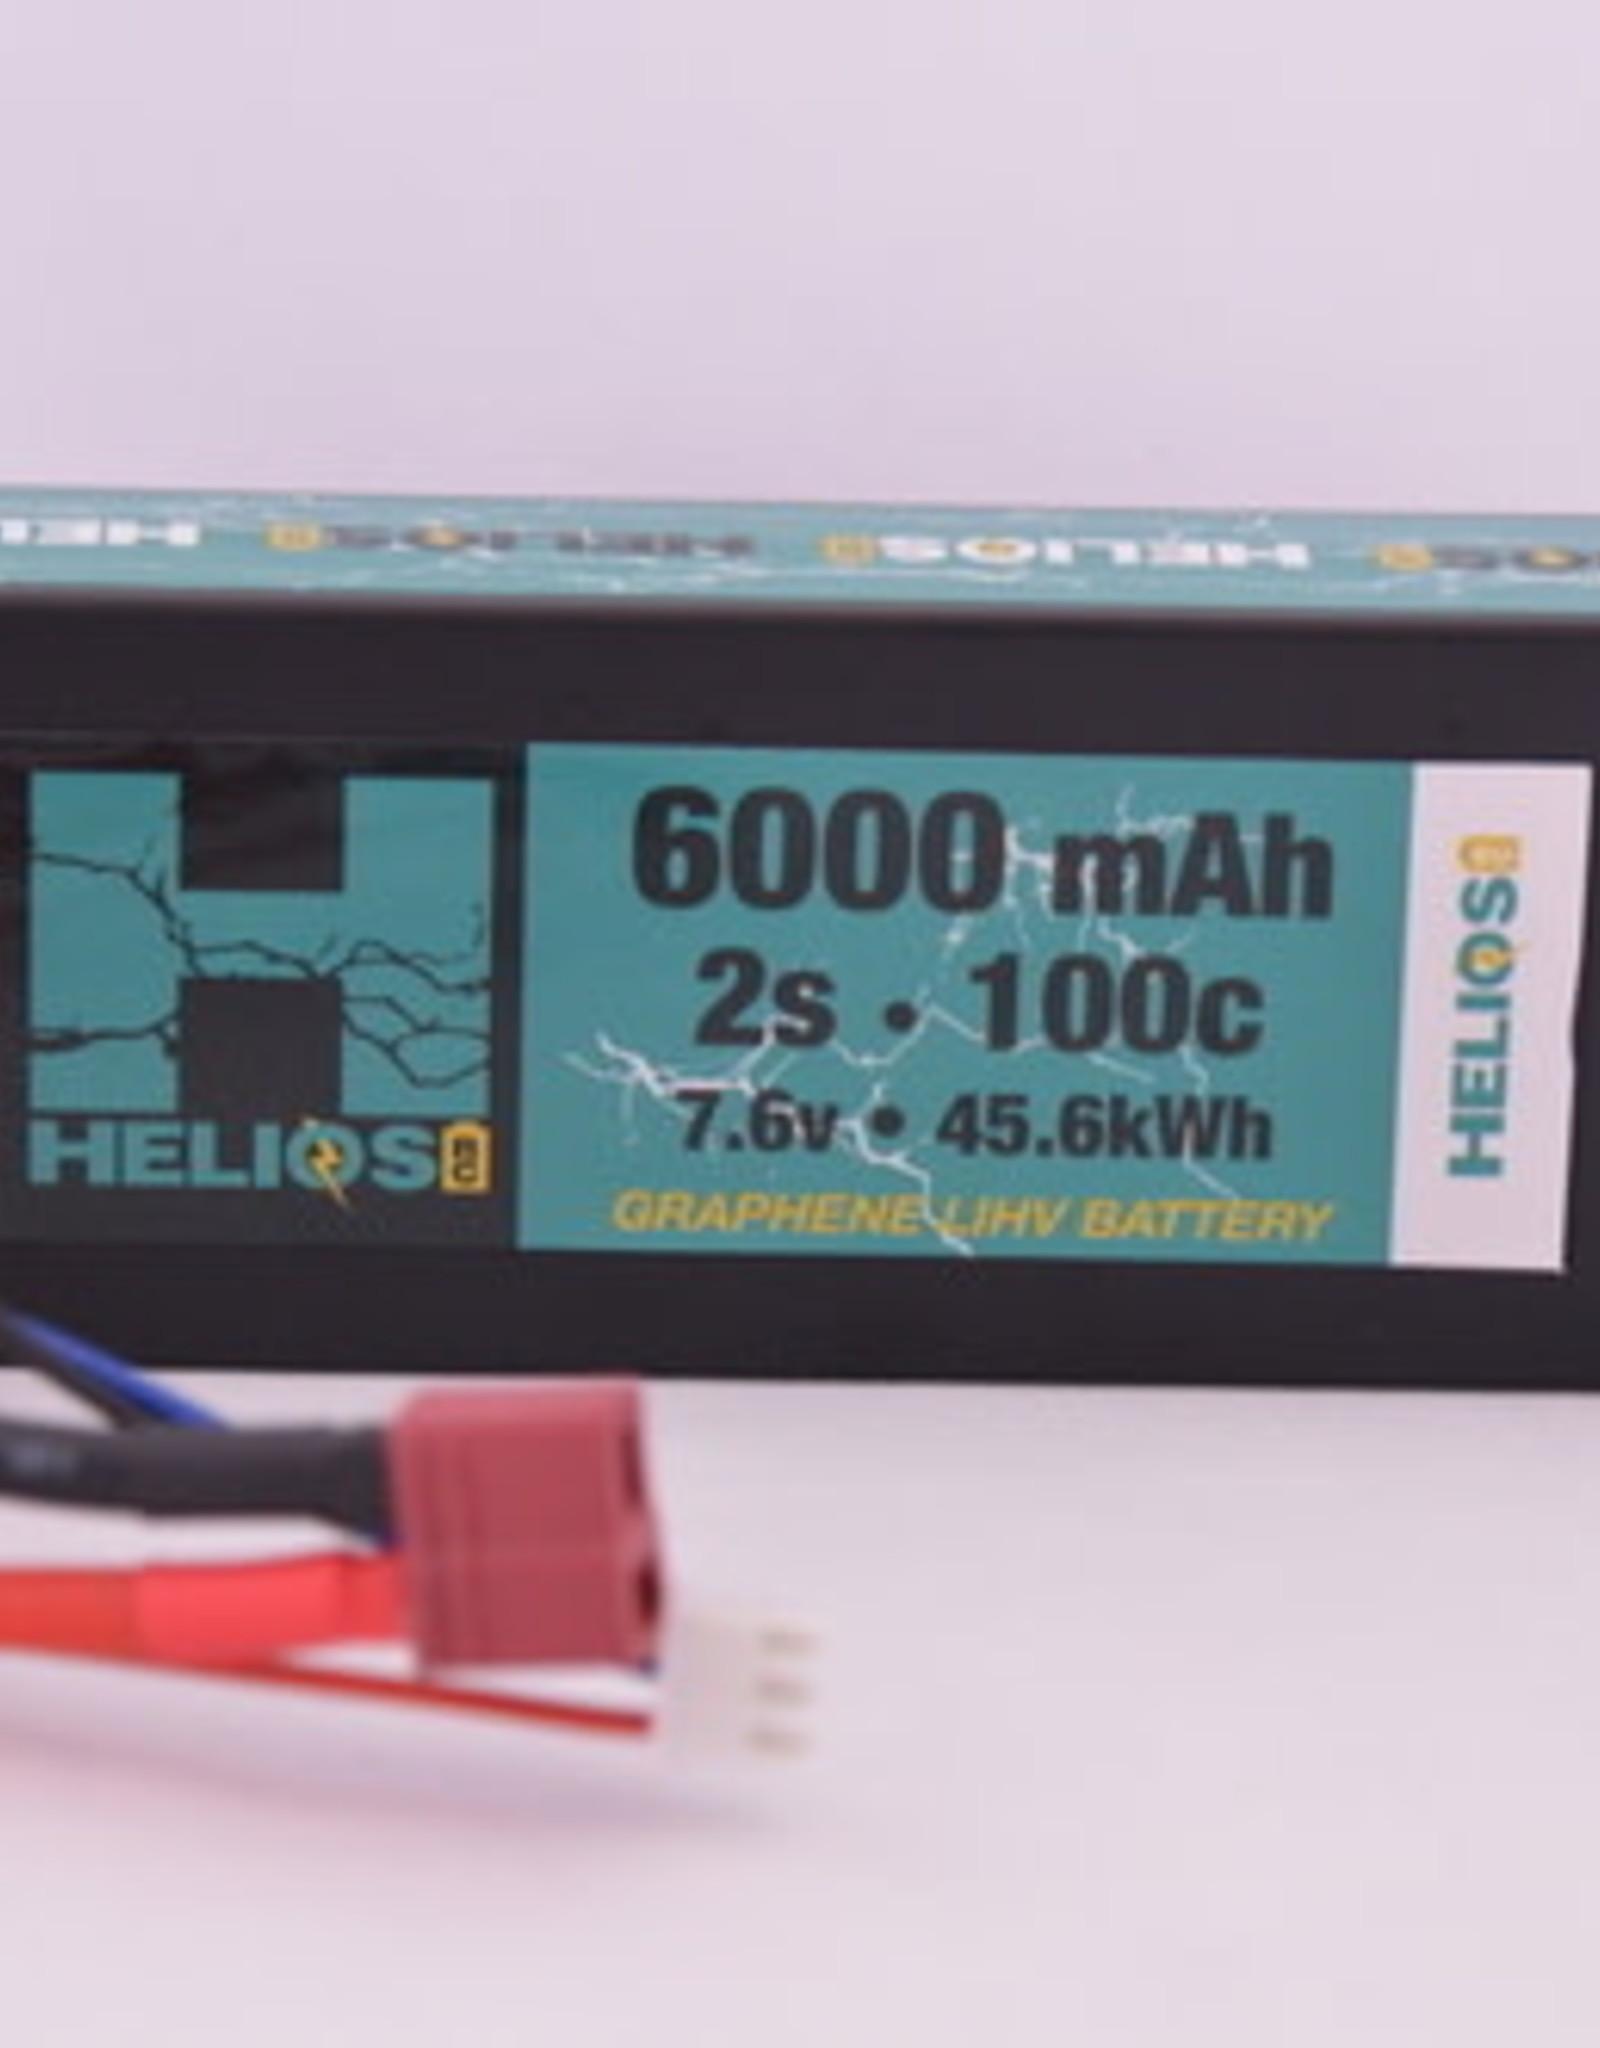 Helios RC Helios RC 6000mah Graphene Lipo